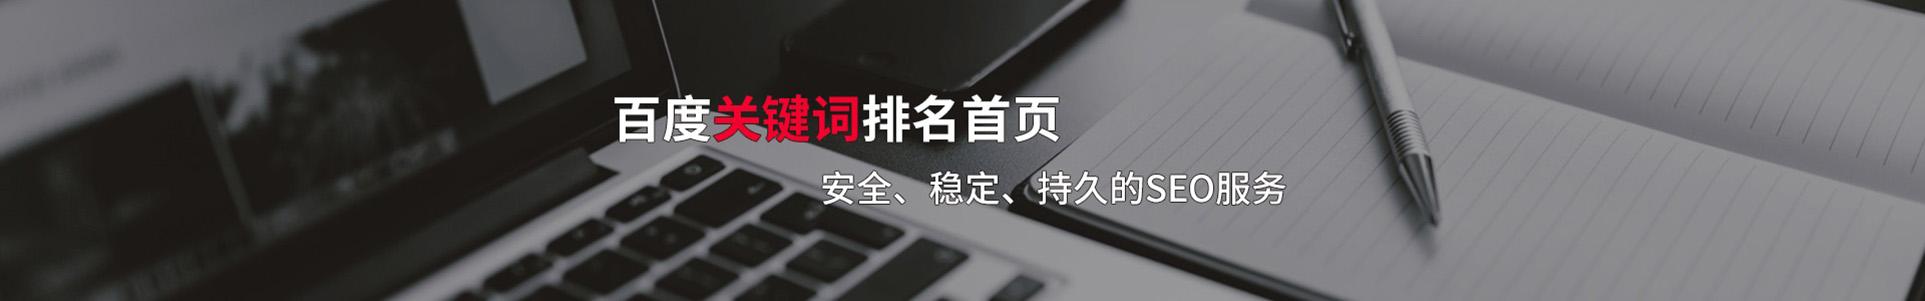 网站优化_百度网站优化_网站优化公司